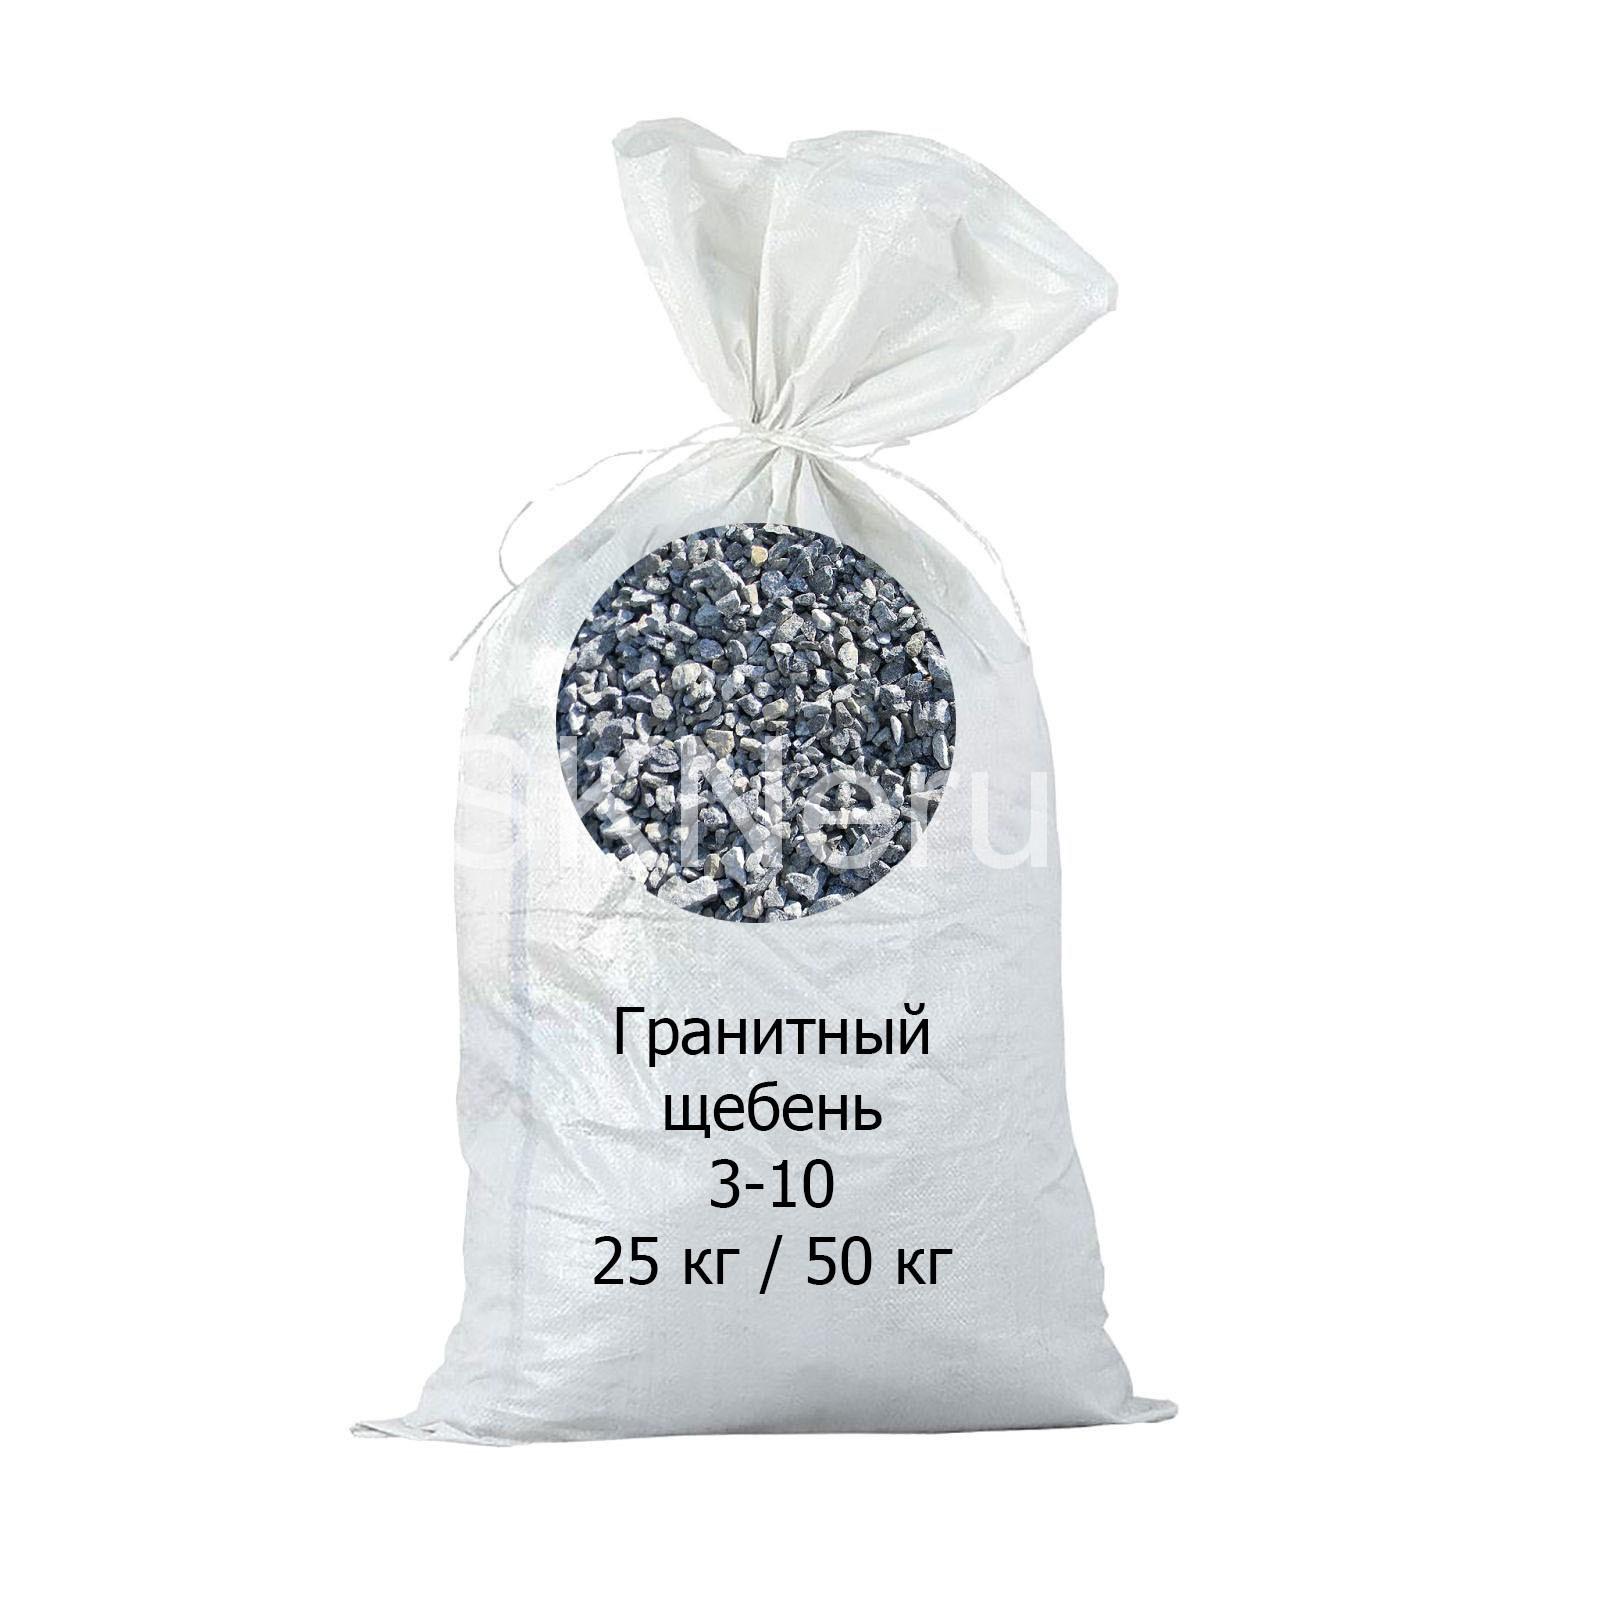 Щебень гранитный фракция 3-10 в мешках 50 кг